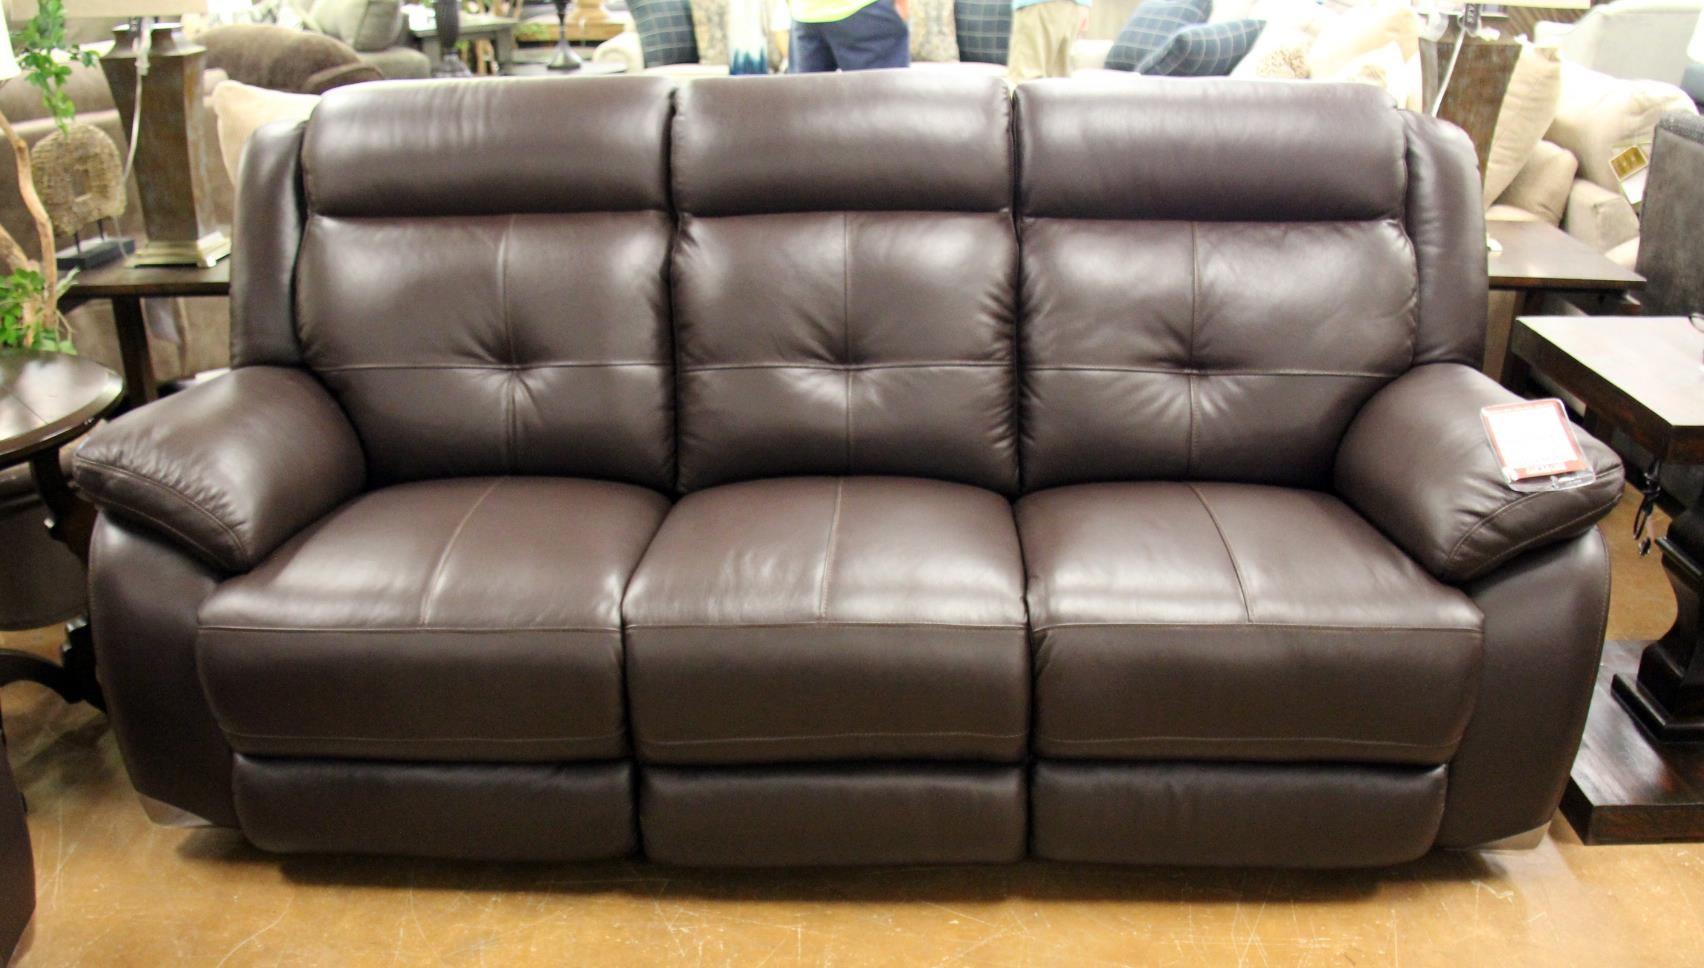 Omega Chocolate Leather Reclining Sofa